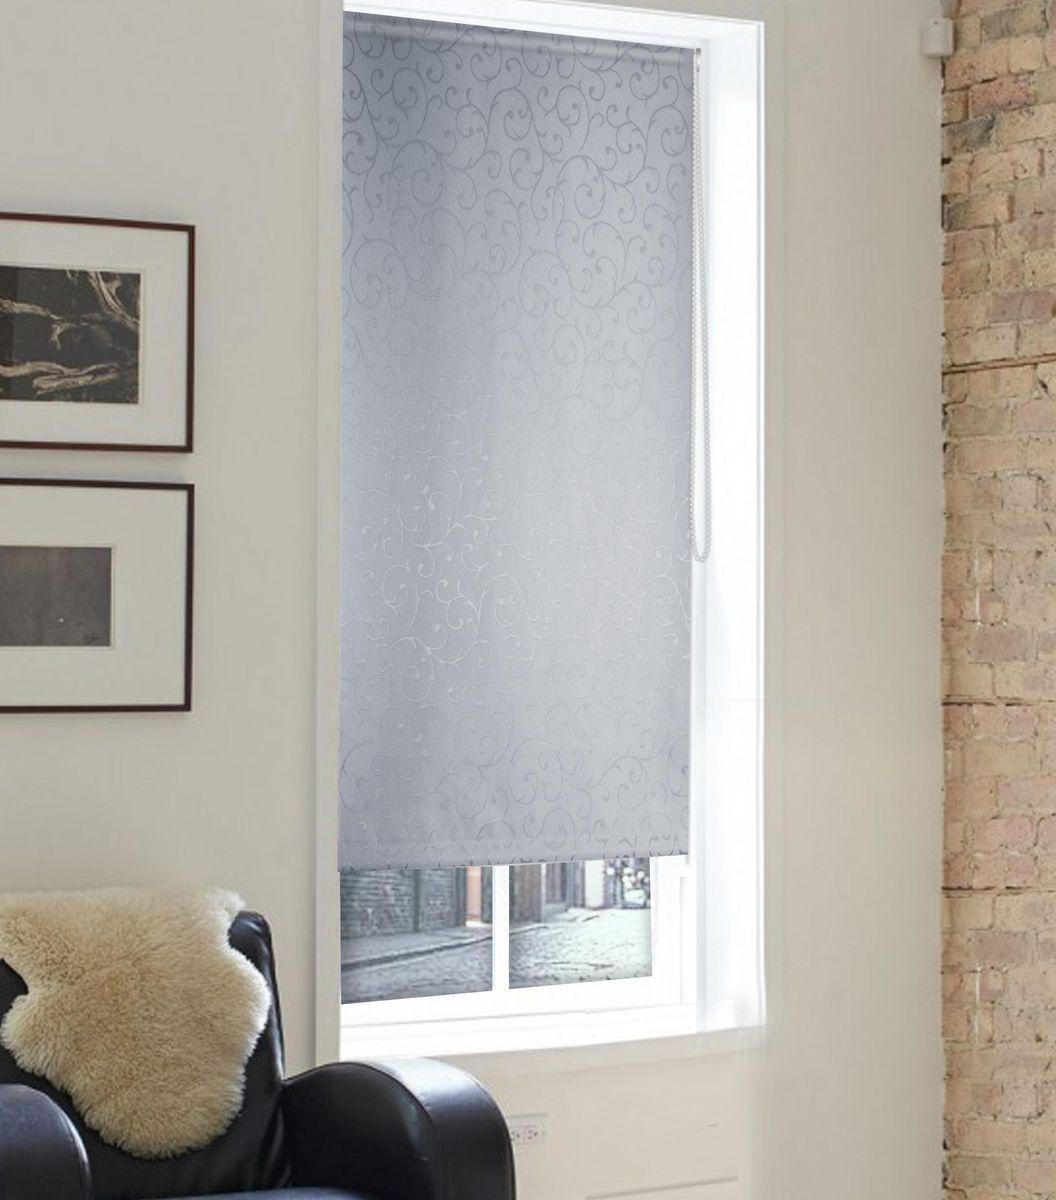 Штора рулонная Эскар Агат, цвет: серый, ширина 60 см, высота 160 см1004900000360Рулонными шторами можно оформлять окна как самостоятельно, так и использовать в комбинации с портьерами. Это поможет предотвратить выгорание дорогой ткани на солнце и соединит функционал рулонных с красотой навесных.Преимущества применения рулонных штор для пластиковых окон:- имеют прекрасный внешний вид: многообразие и фактурность материала изделия отлично смотрятся в любом интерьере; - многофункциональны: есть возможность подобрать шторы способные эффективно защитить комнату от солнца, при этом она не будет слишком темной.- Есть возможность осуществить быстрый монтаж.ВНИМАНИЕ! Размеры ширины изделия указаны по ширине ткани!Во время эксплуатации не рекомендуется полностью разматывать рулон, чтобы не оторвать ткань от намоточного вала.В случае загрязнения поверхности ткани, чистку шторы проводят одним из способов, в зависимости от типа загрязнения: легкое поверхностное загрязнение можно удалить при помощи канцелярского ластика; чистка от пыли производится сухим методом при помощи пылесоса с мягкой щеткой-насадкой; для удаления пятна используйте мягкую губку с пенообразующим неагрессивным моющим средством или пятновыводитель на натуральной основе (нельзя применять растворители).